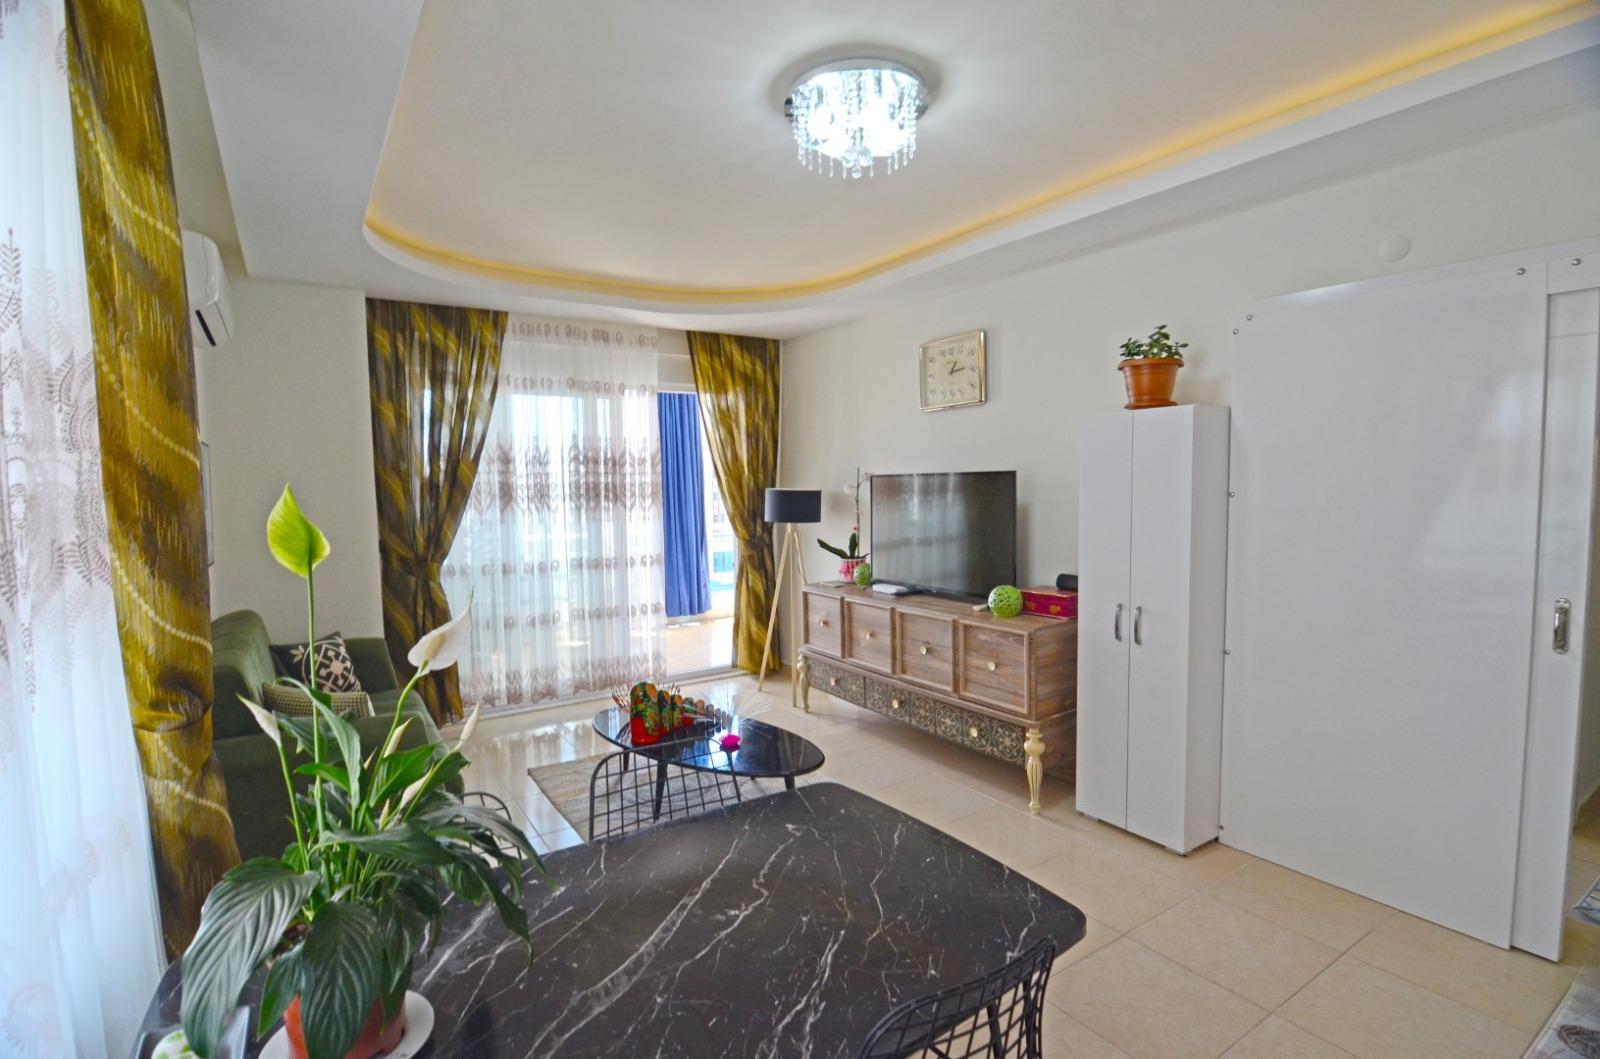 Меблированные апартаменты 1+1 в  Махмутлара - Фото 15